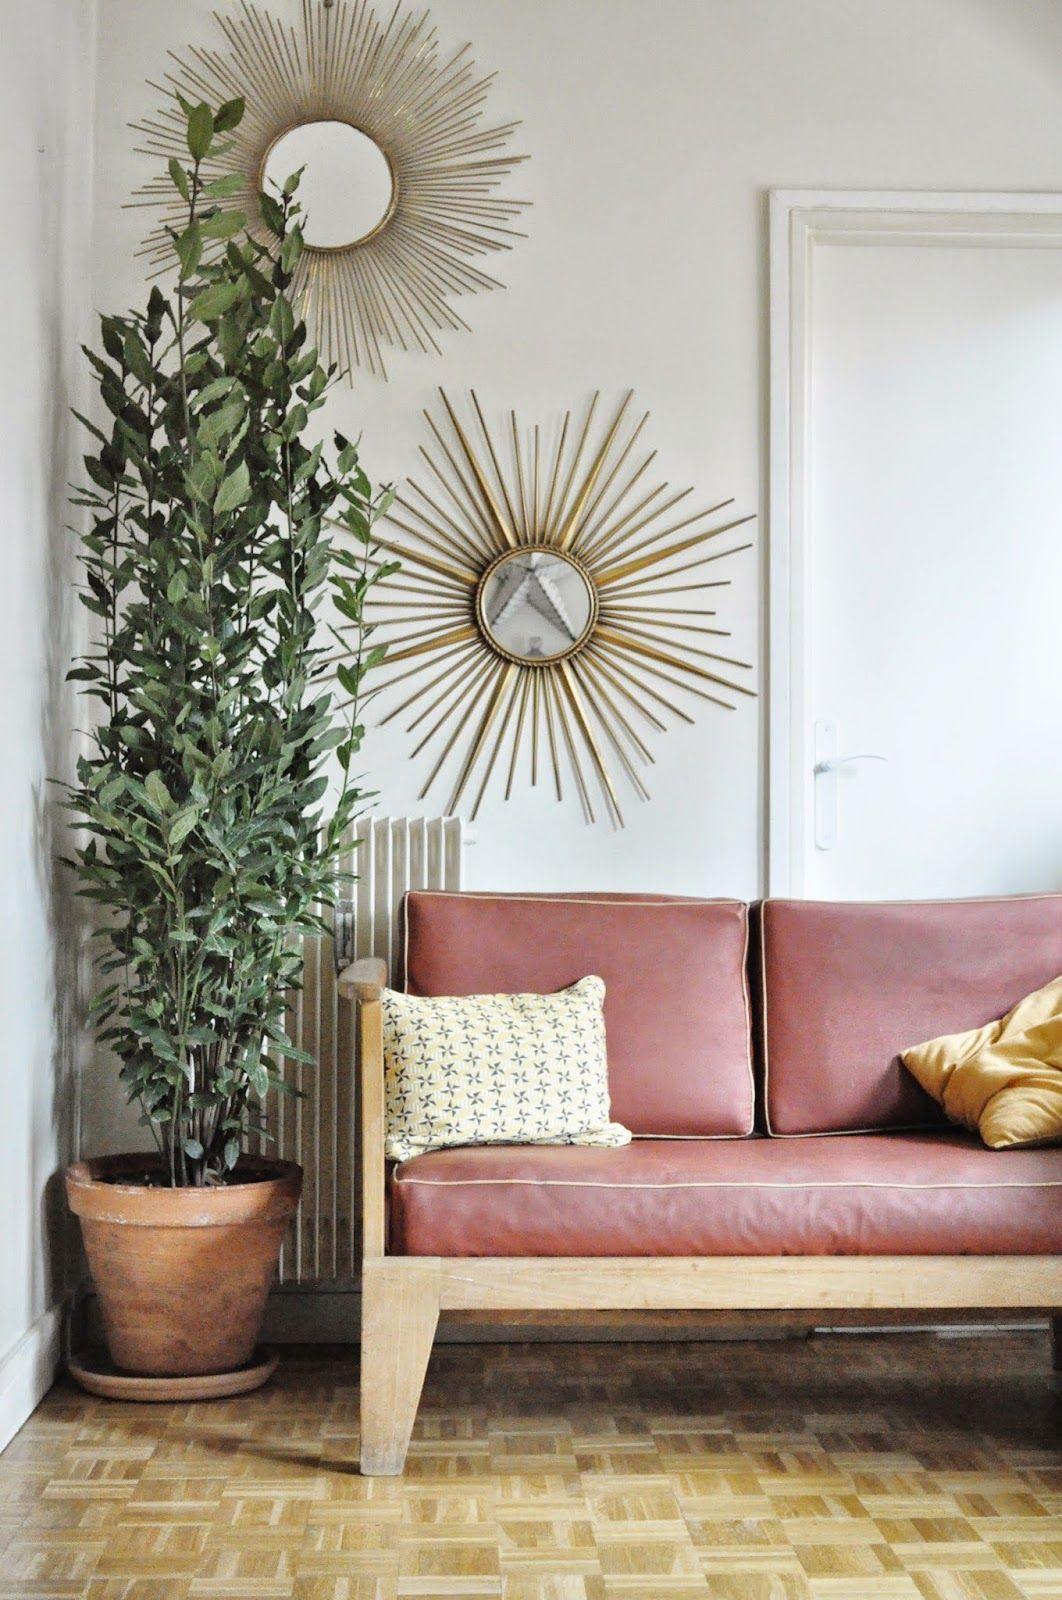 idée déco salon avec un miroir soleil | Miroir soleil | Pinterest ...